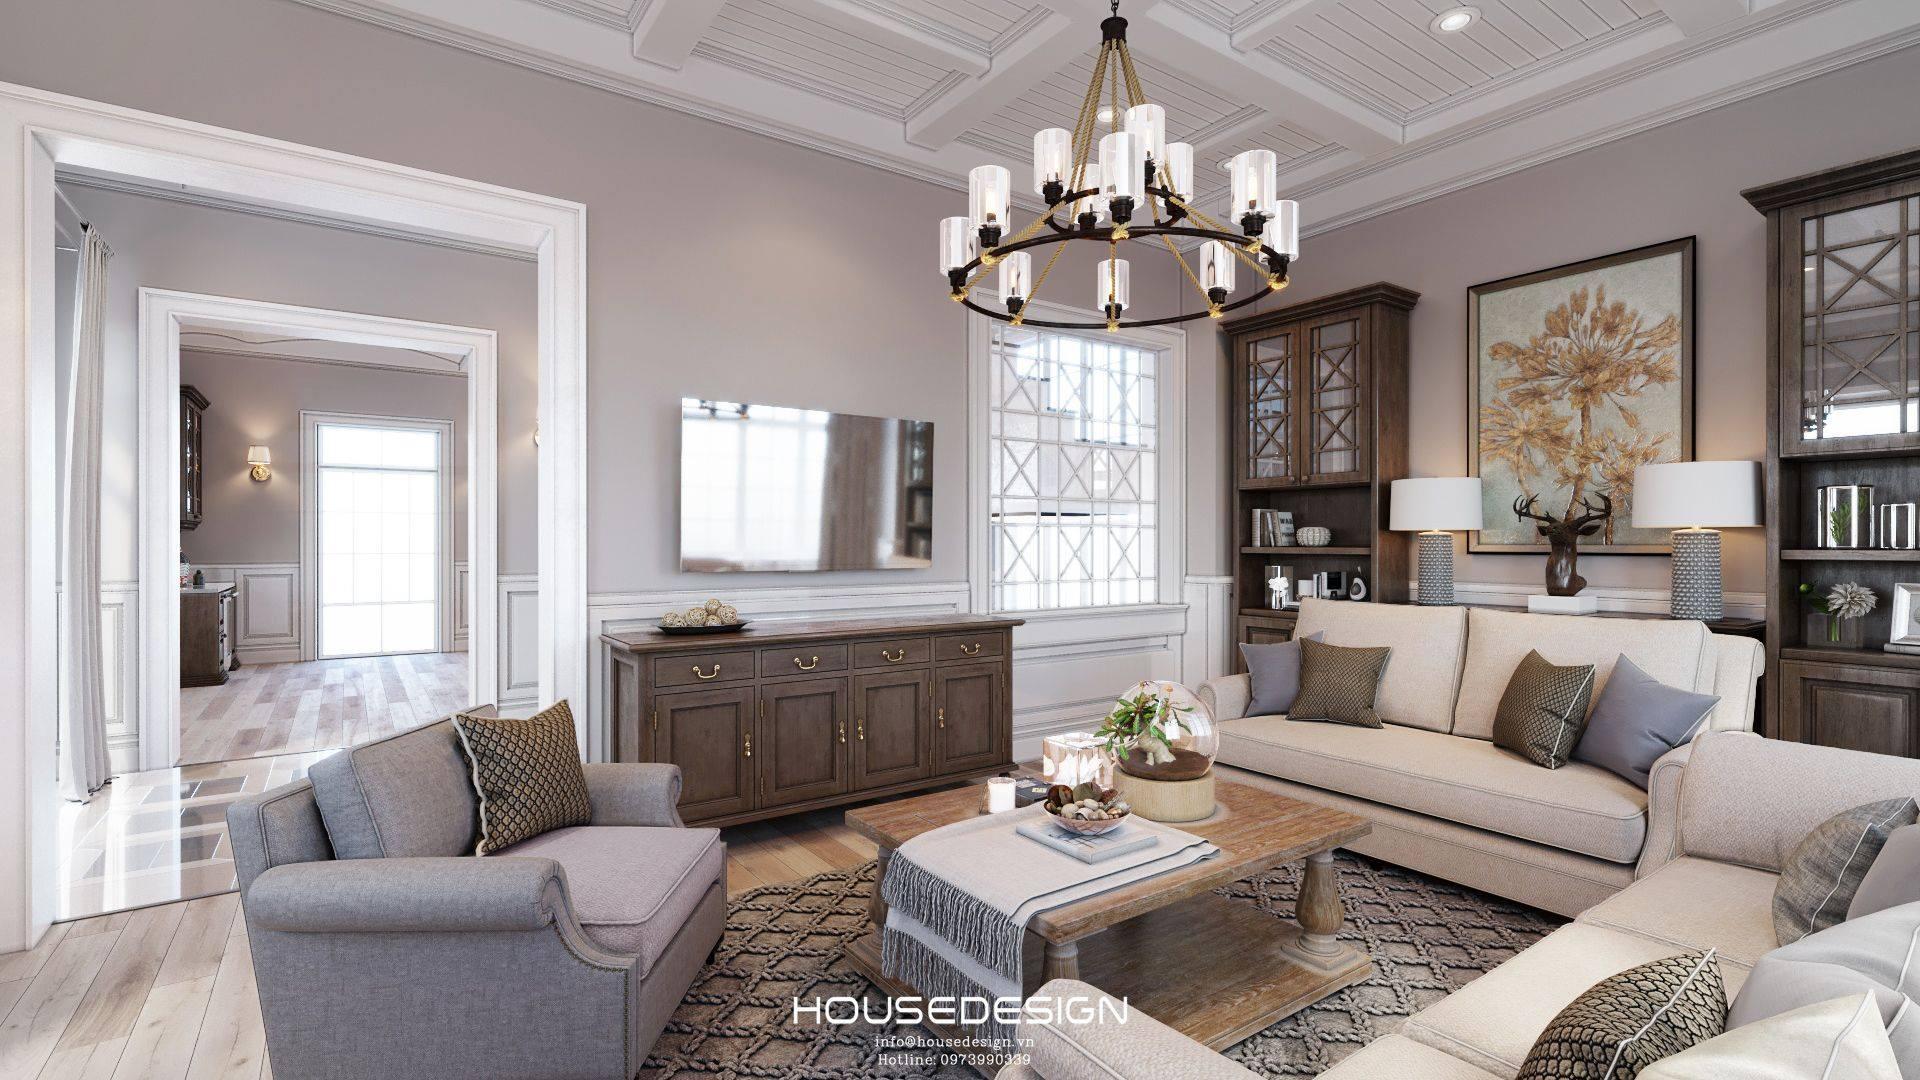 kích thước kệ tivi phòng khách đẹp - Housedesign